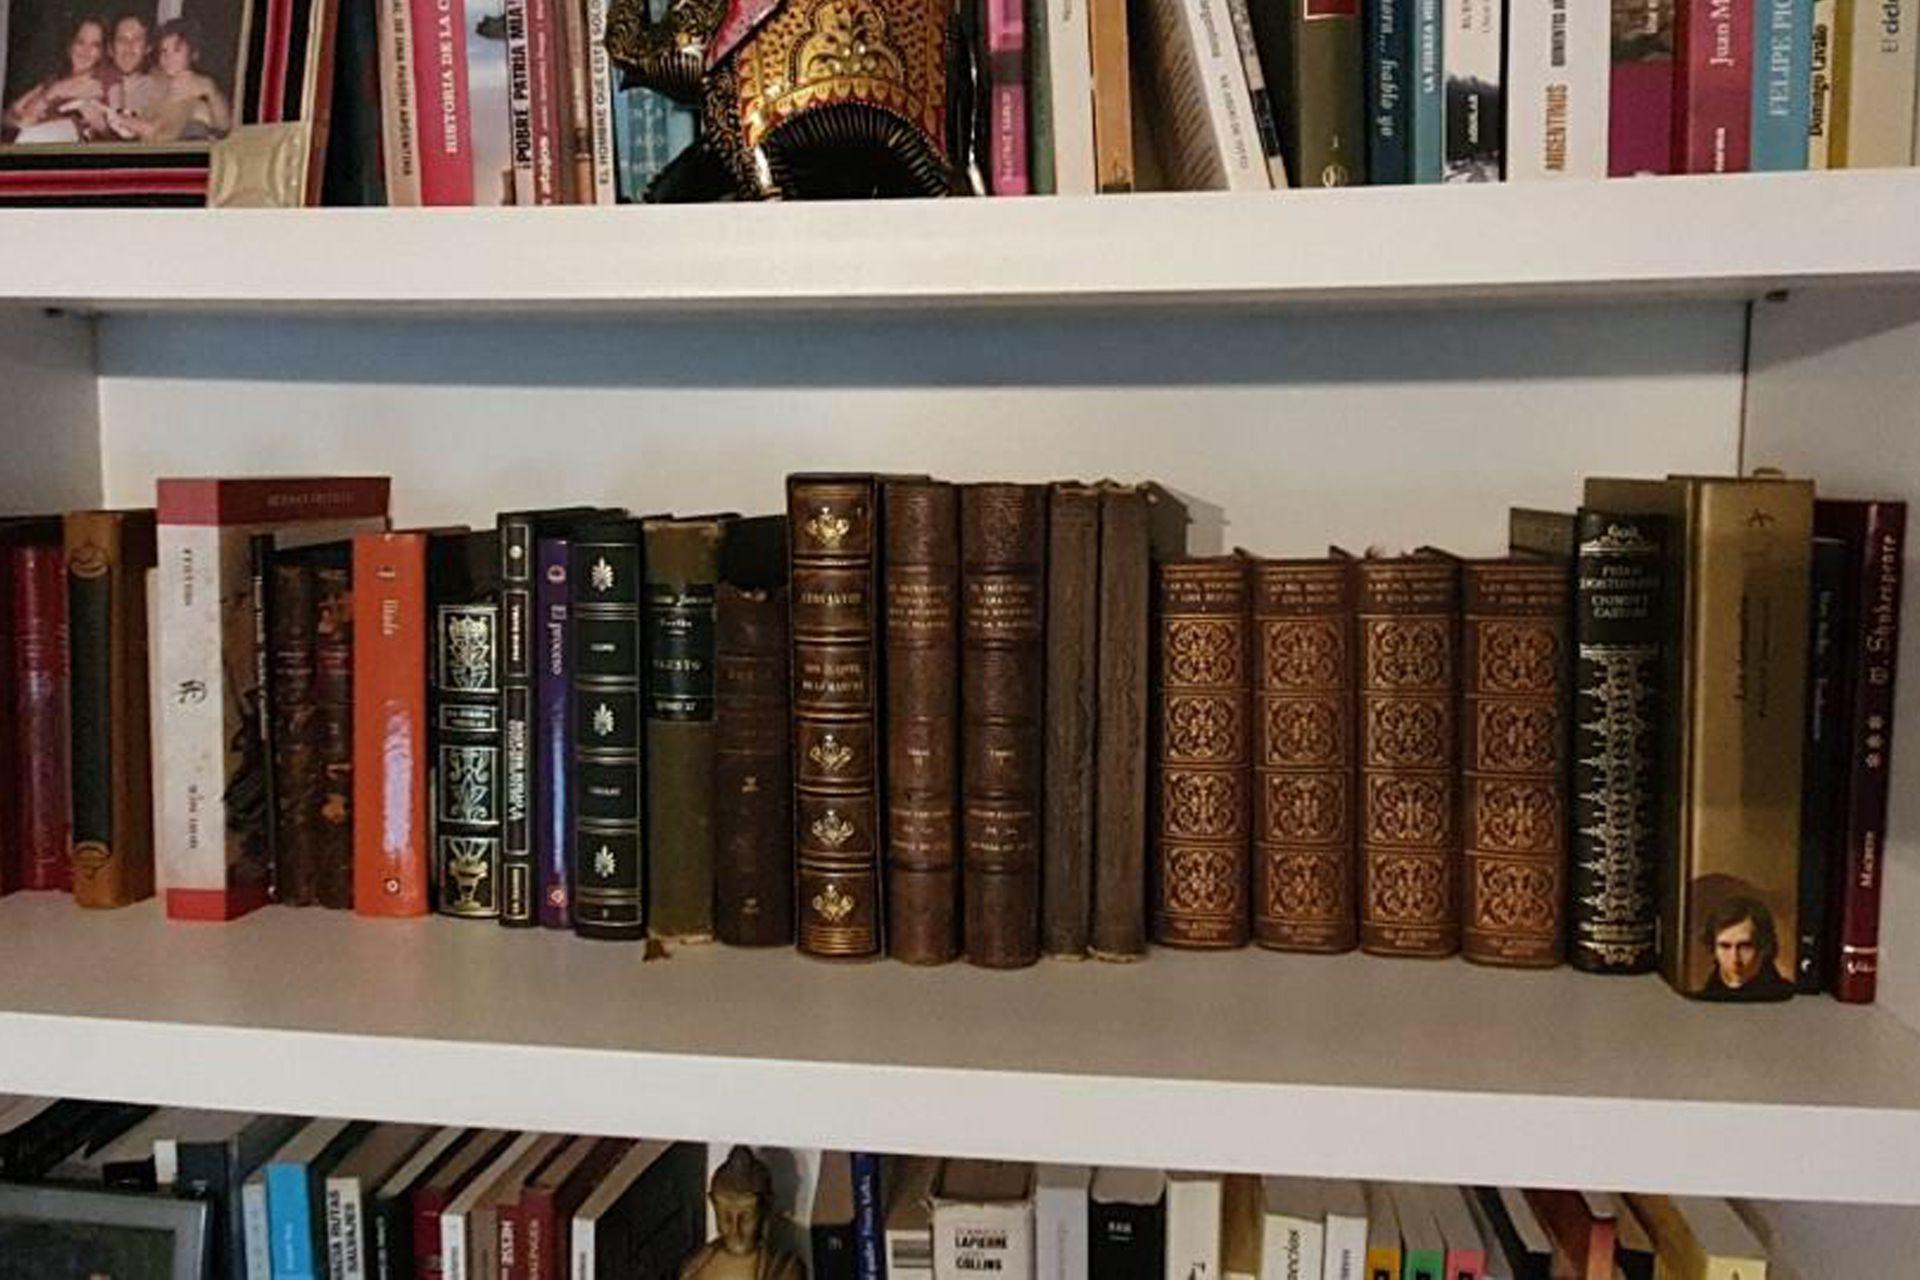 Su estante preferido. Con ediciones del Quijote de 1897 y 1926. También está el Fausto, El conde de Montecristo y el primer tomo de Las mil y una noches.